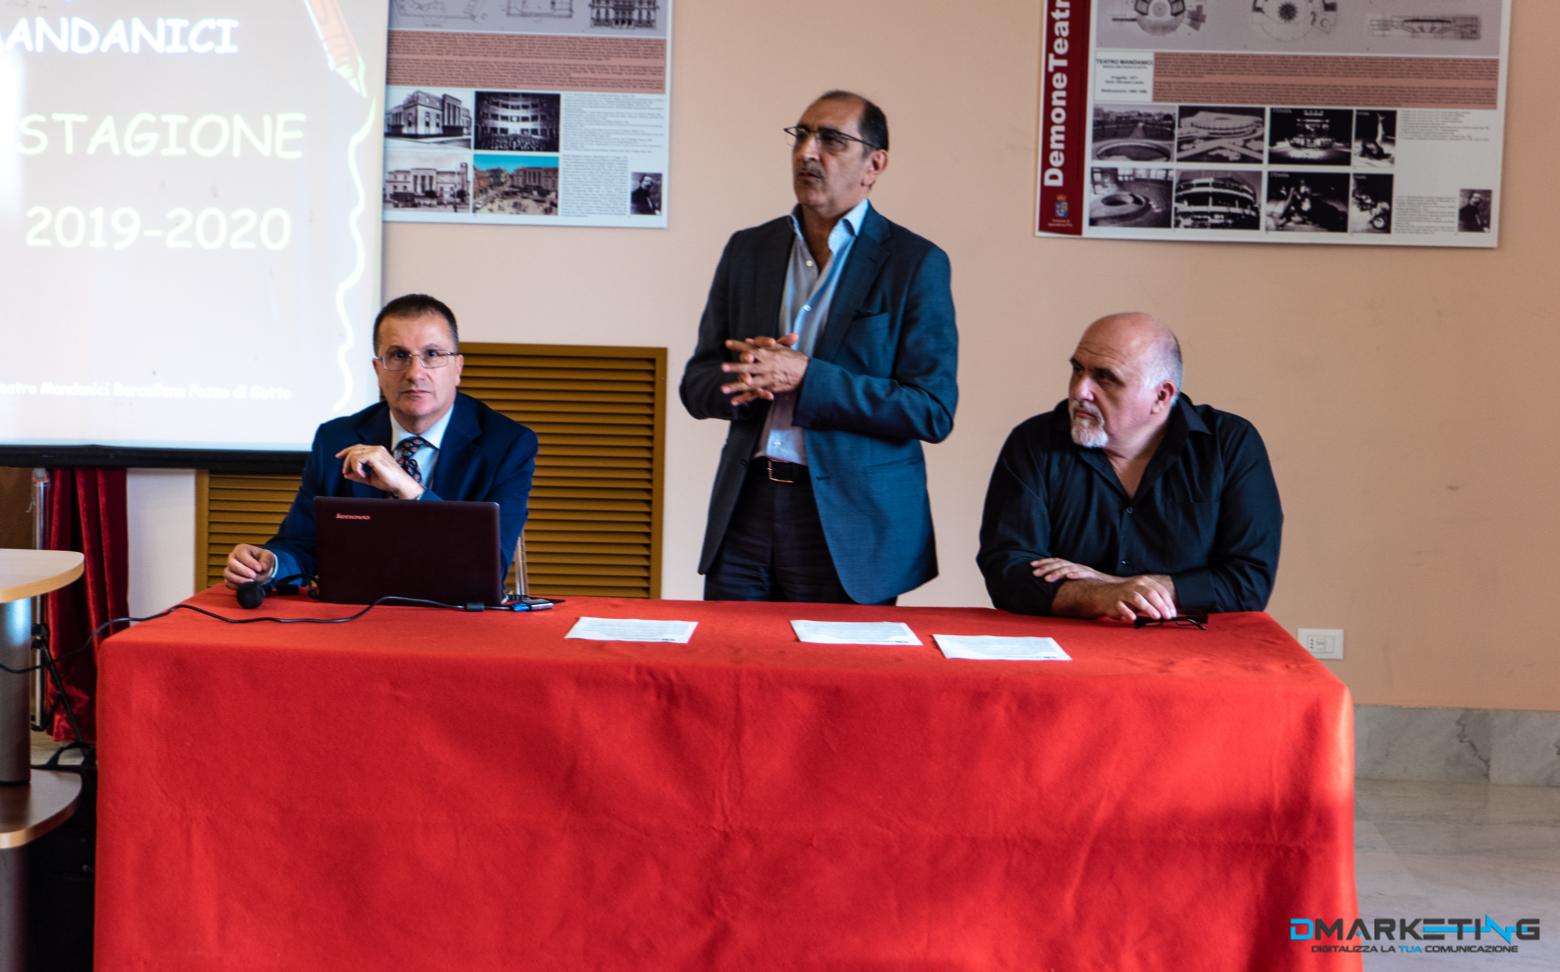 Teatro Mandanici. Nuovo cartellone stagione 2019-20 con artisti nazionali, 'Teatro in famiglia' e spettacoli pomeridiani